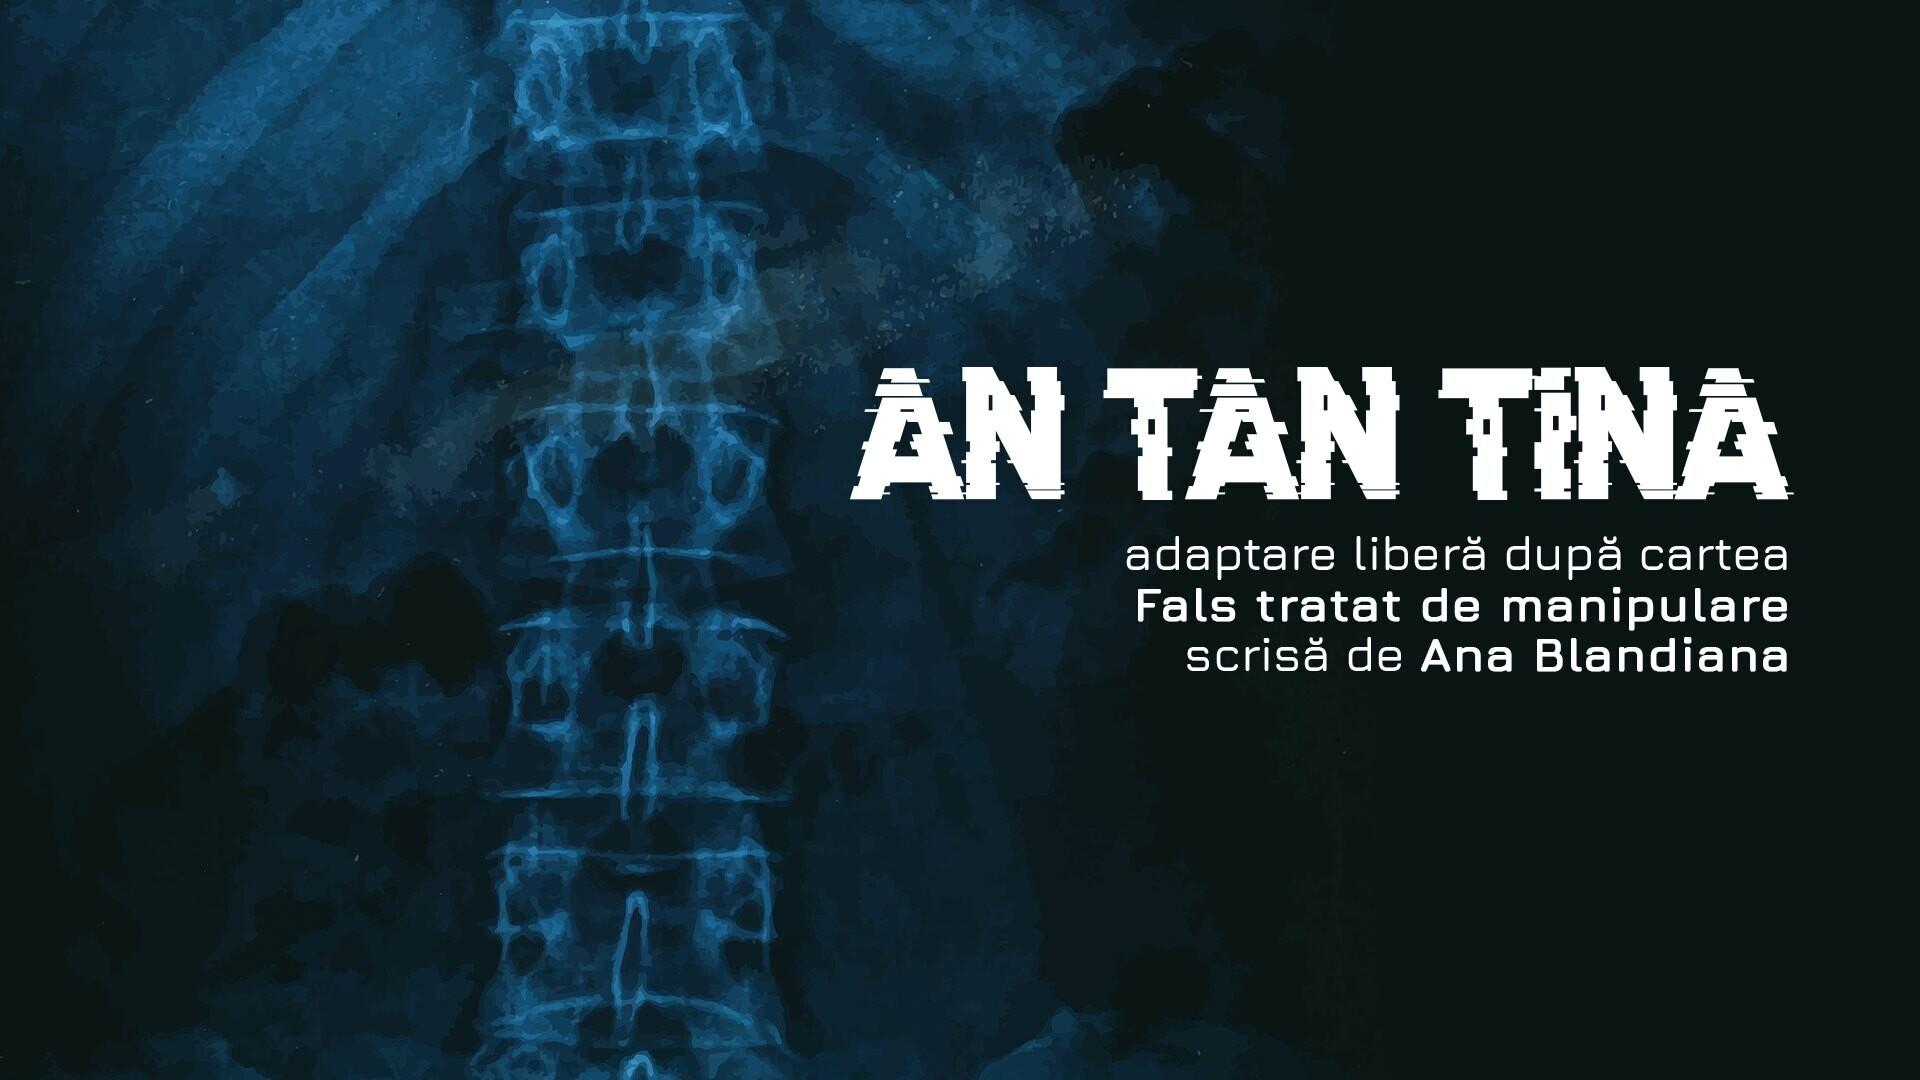 An tan tina poster.